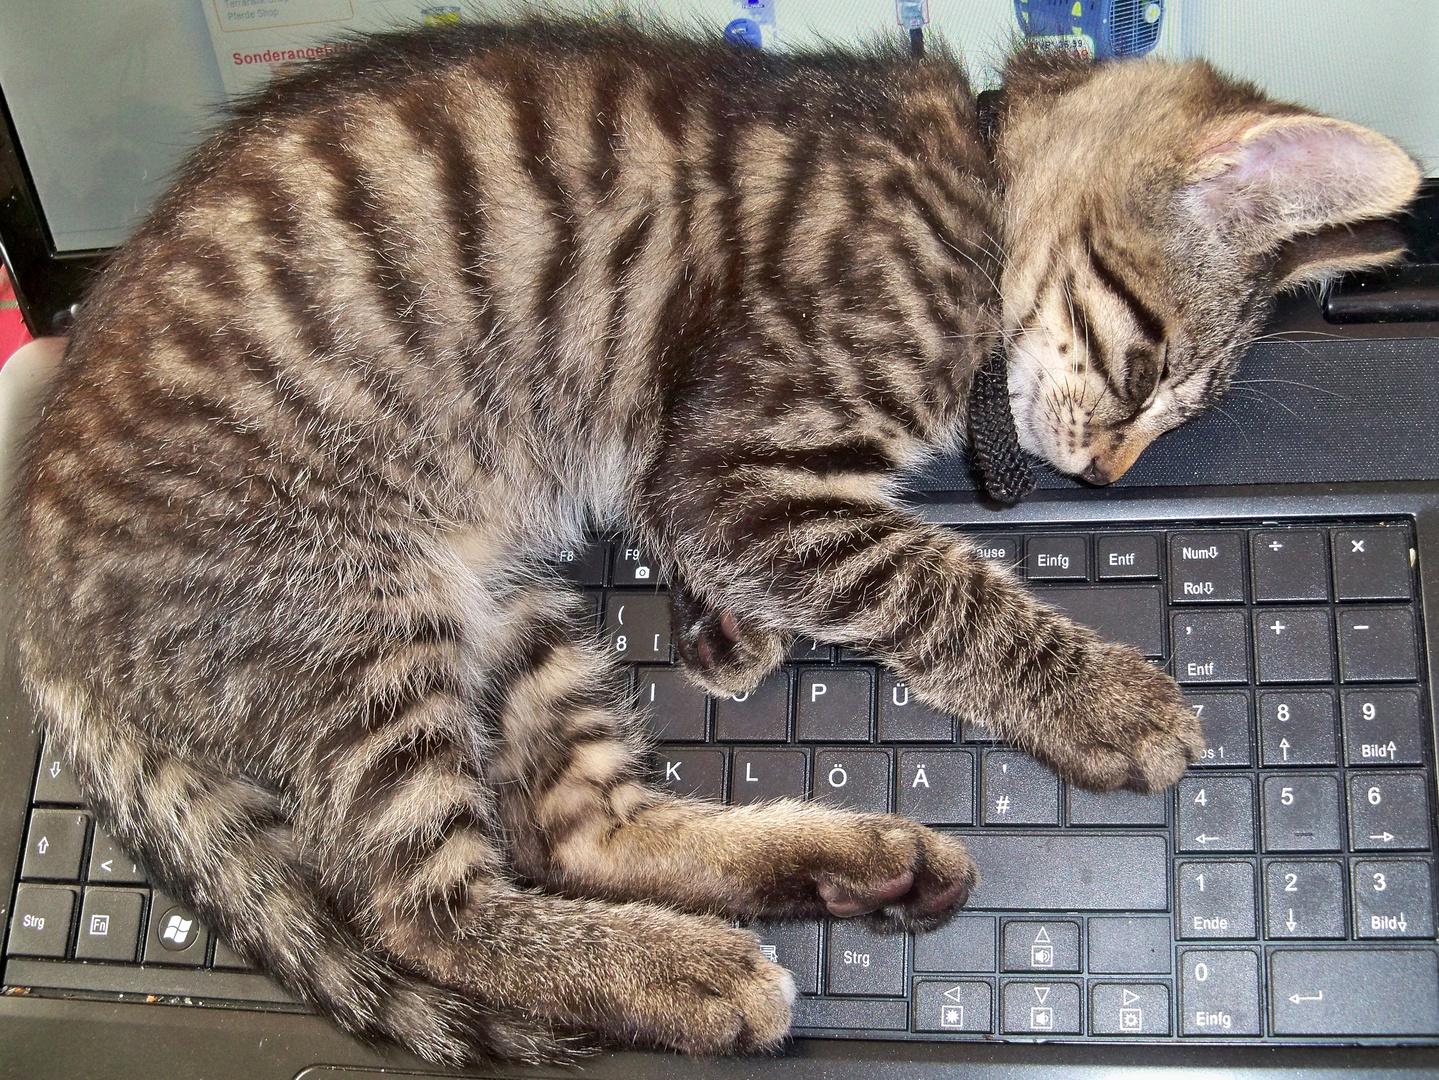 das ist seine Lieblingstaste,damit schafft er es meinen Desktop auf den Kopf zu stellen.....